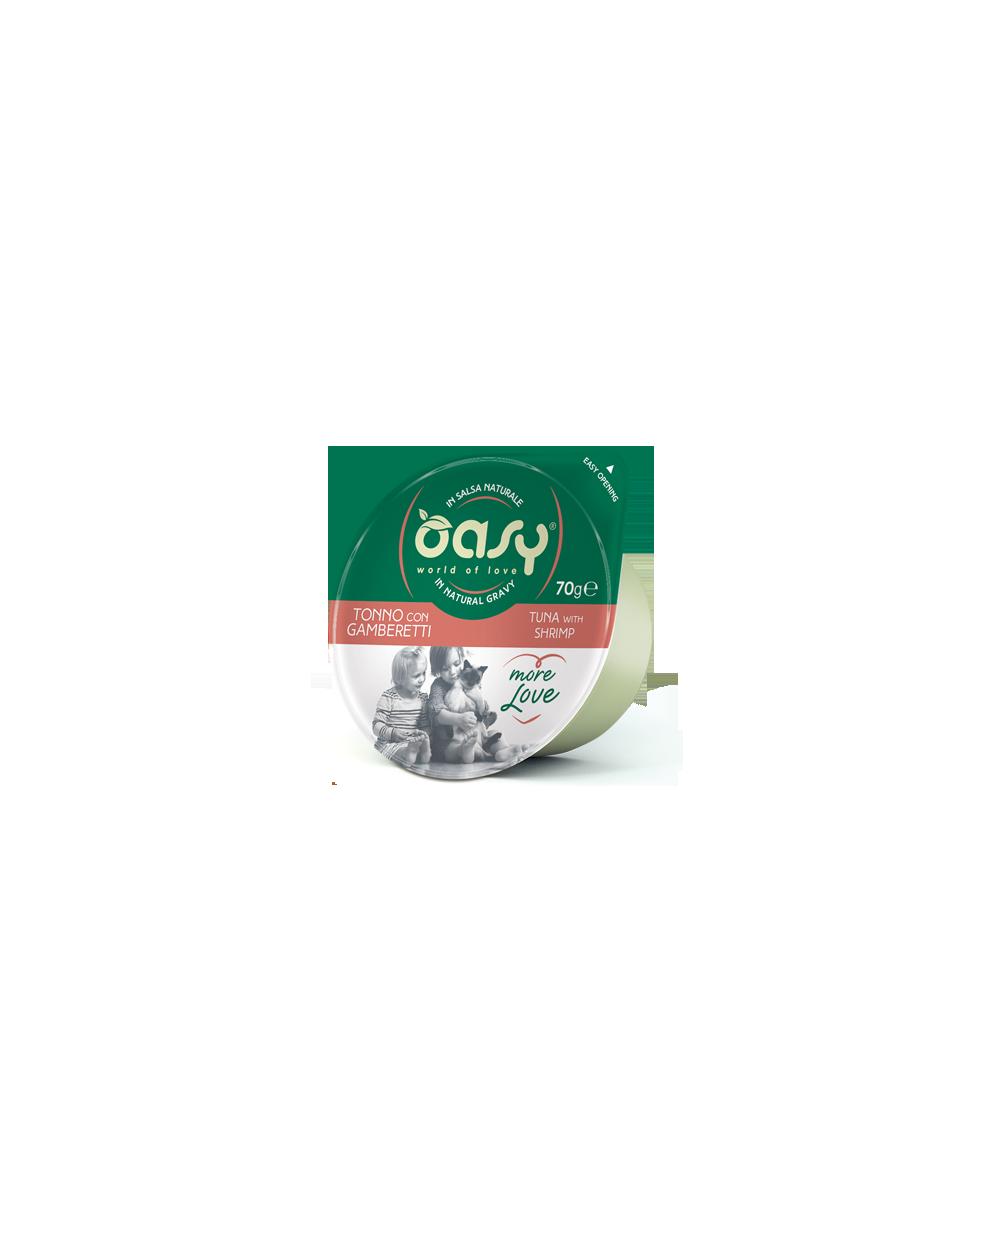 Oasy Wet Cat More Love Green Cup - Tonno con Gamberetti